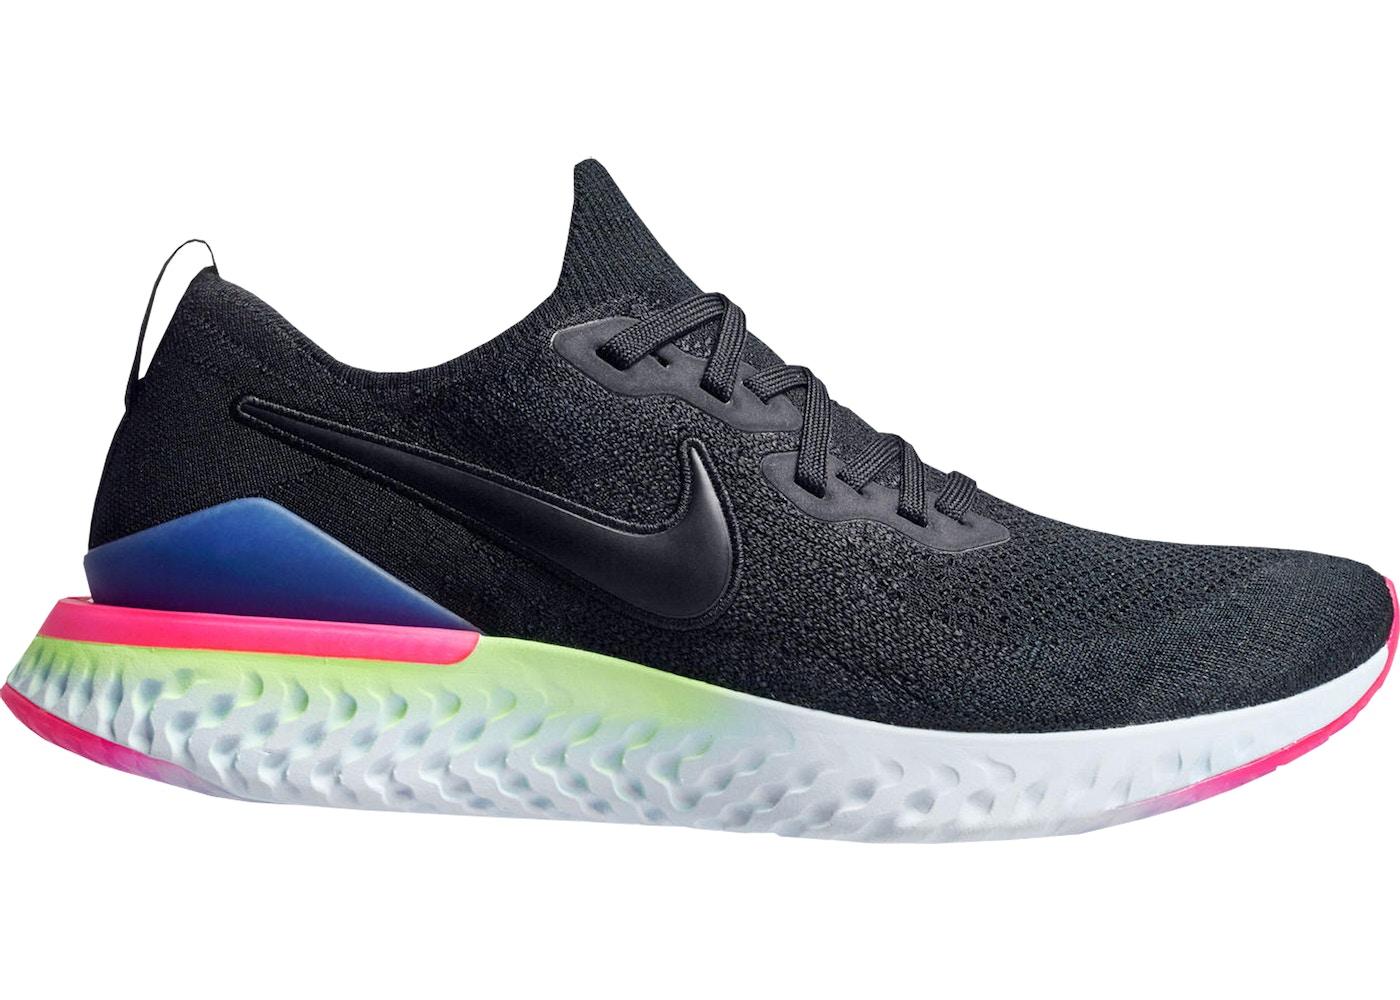 83d82443e8fe1 Nike Epic React Flyknit 2 Pixel - BQ8928-005